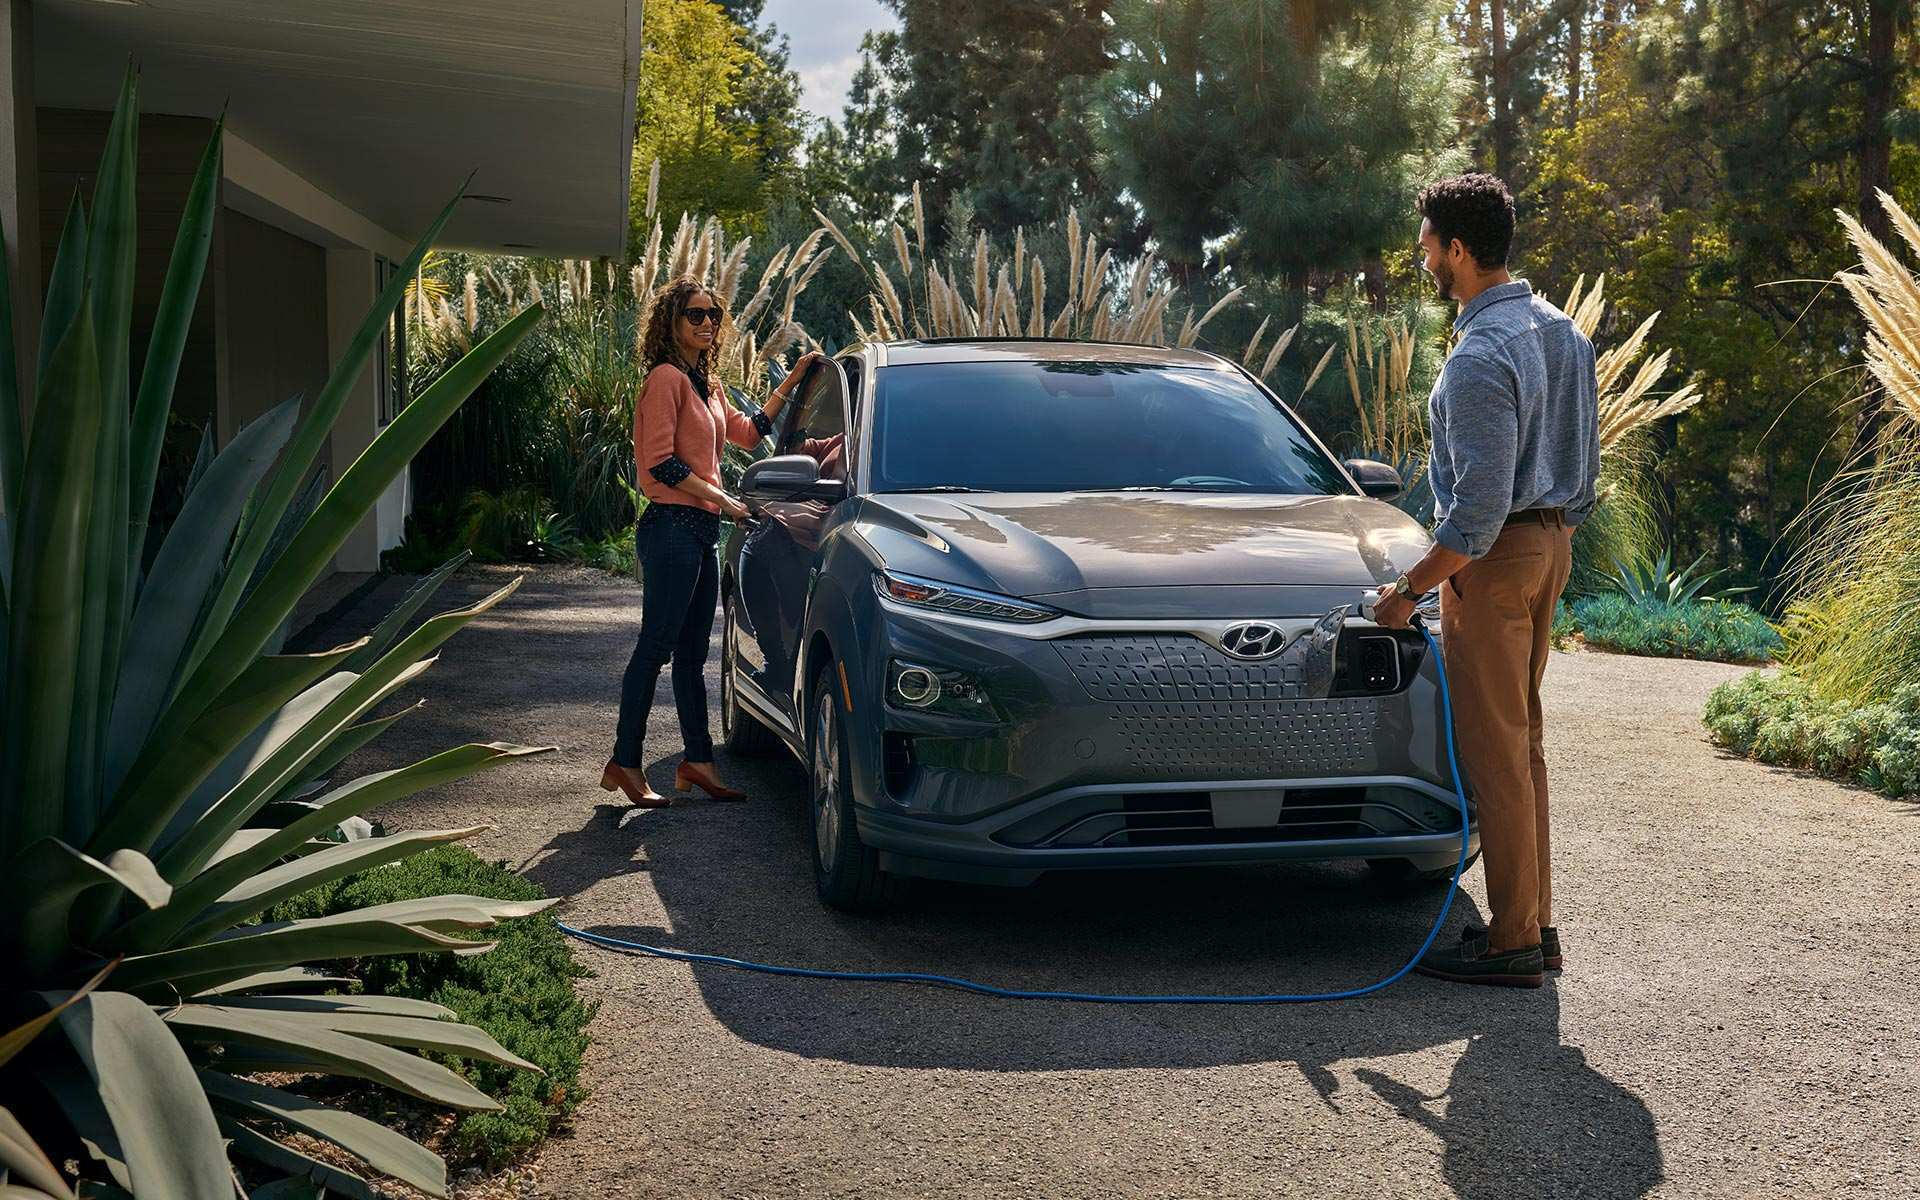 43 Concept of Hyundai Autonomous 2020 Performance and New Engine by Hyundai Autonomous 2020